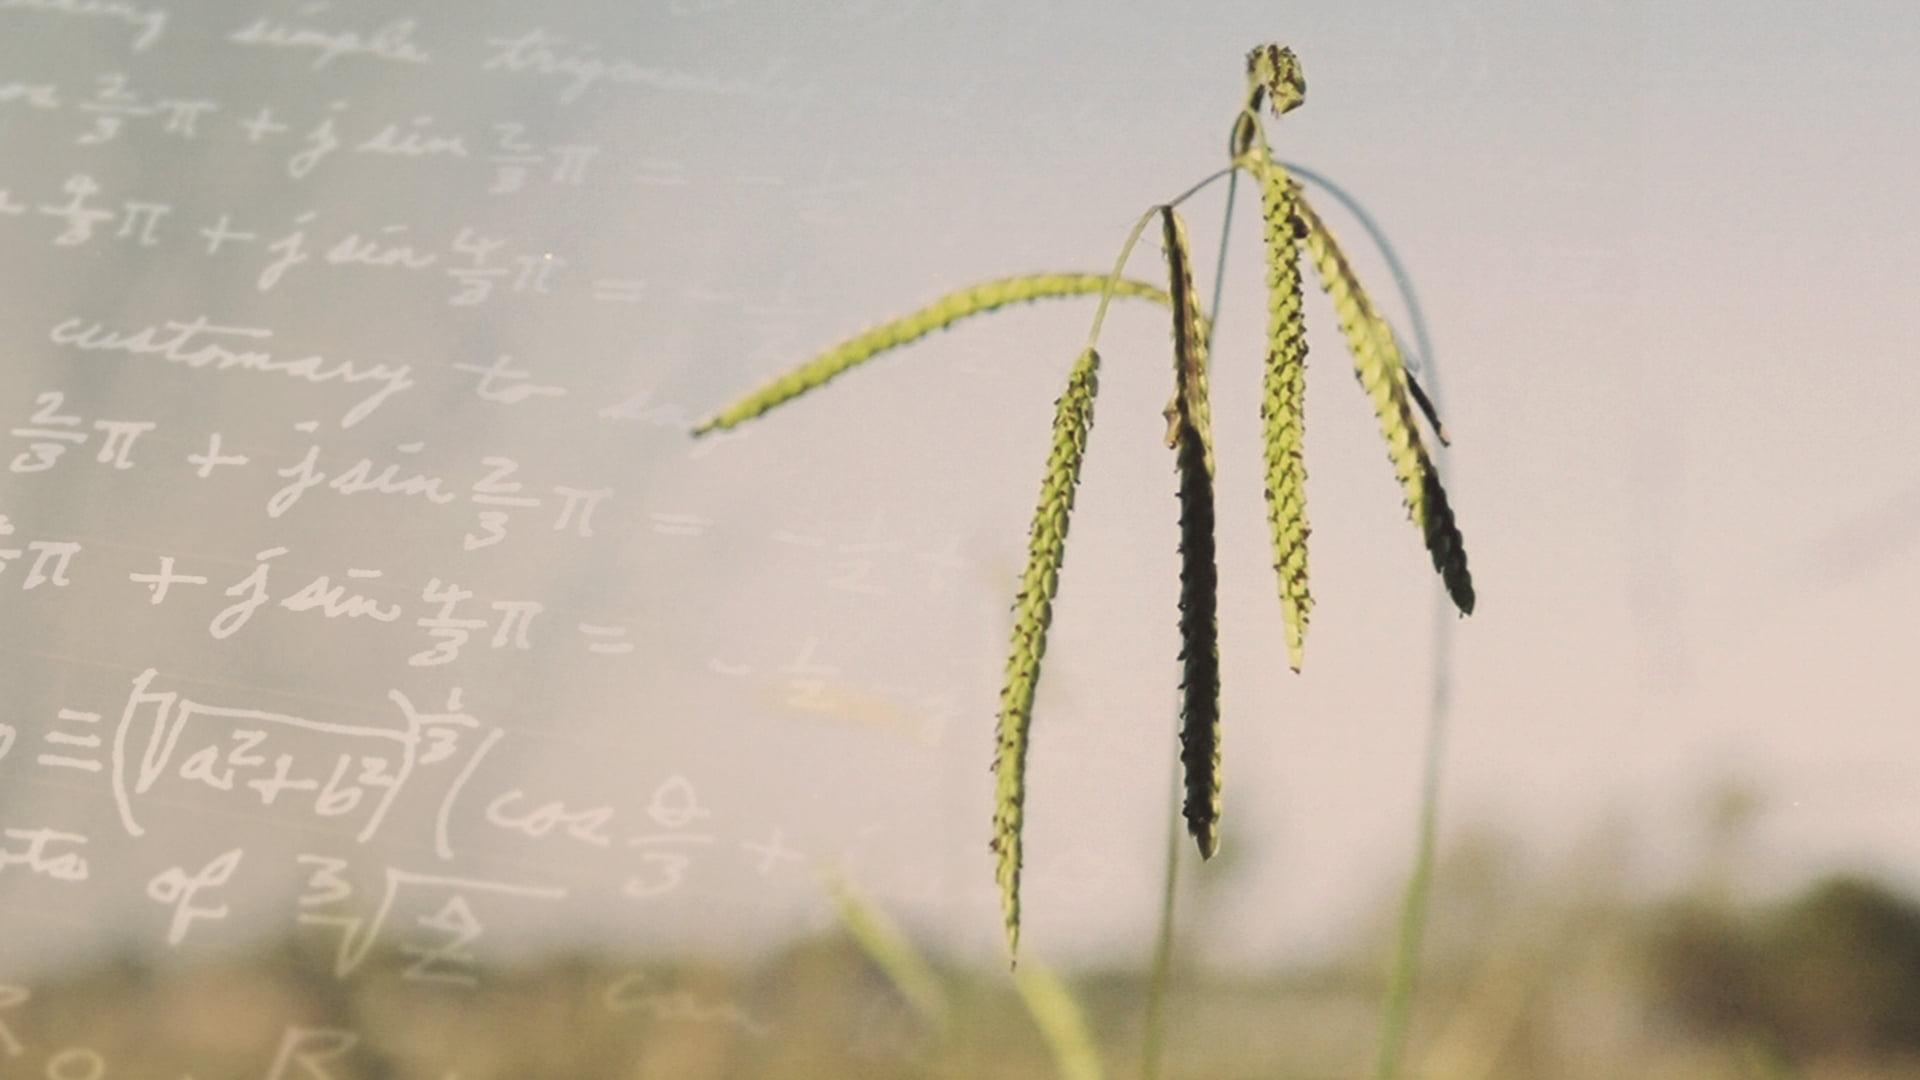 Les formules simples sont-elles un gage d'